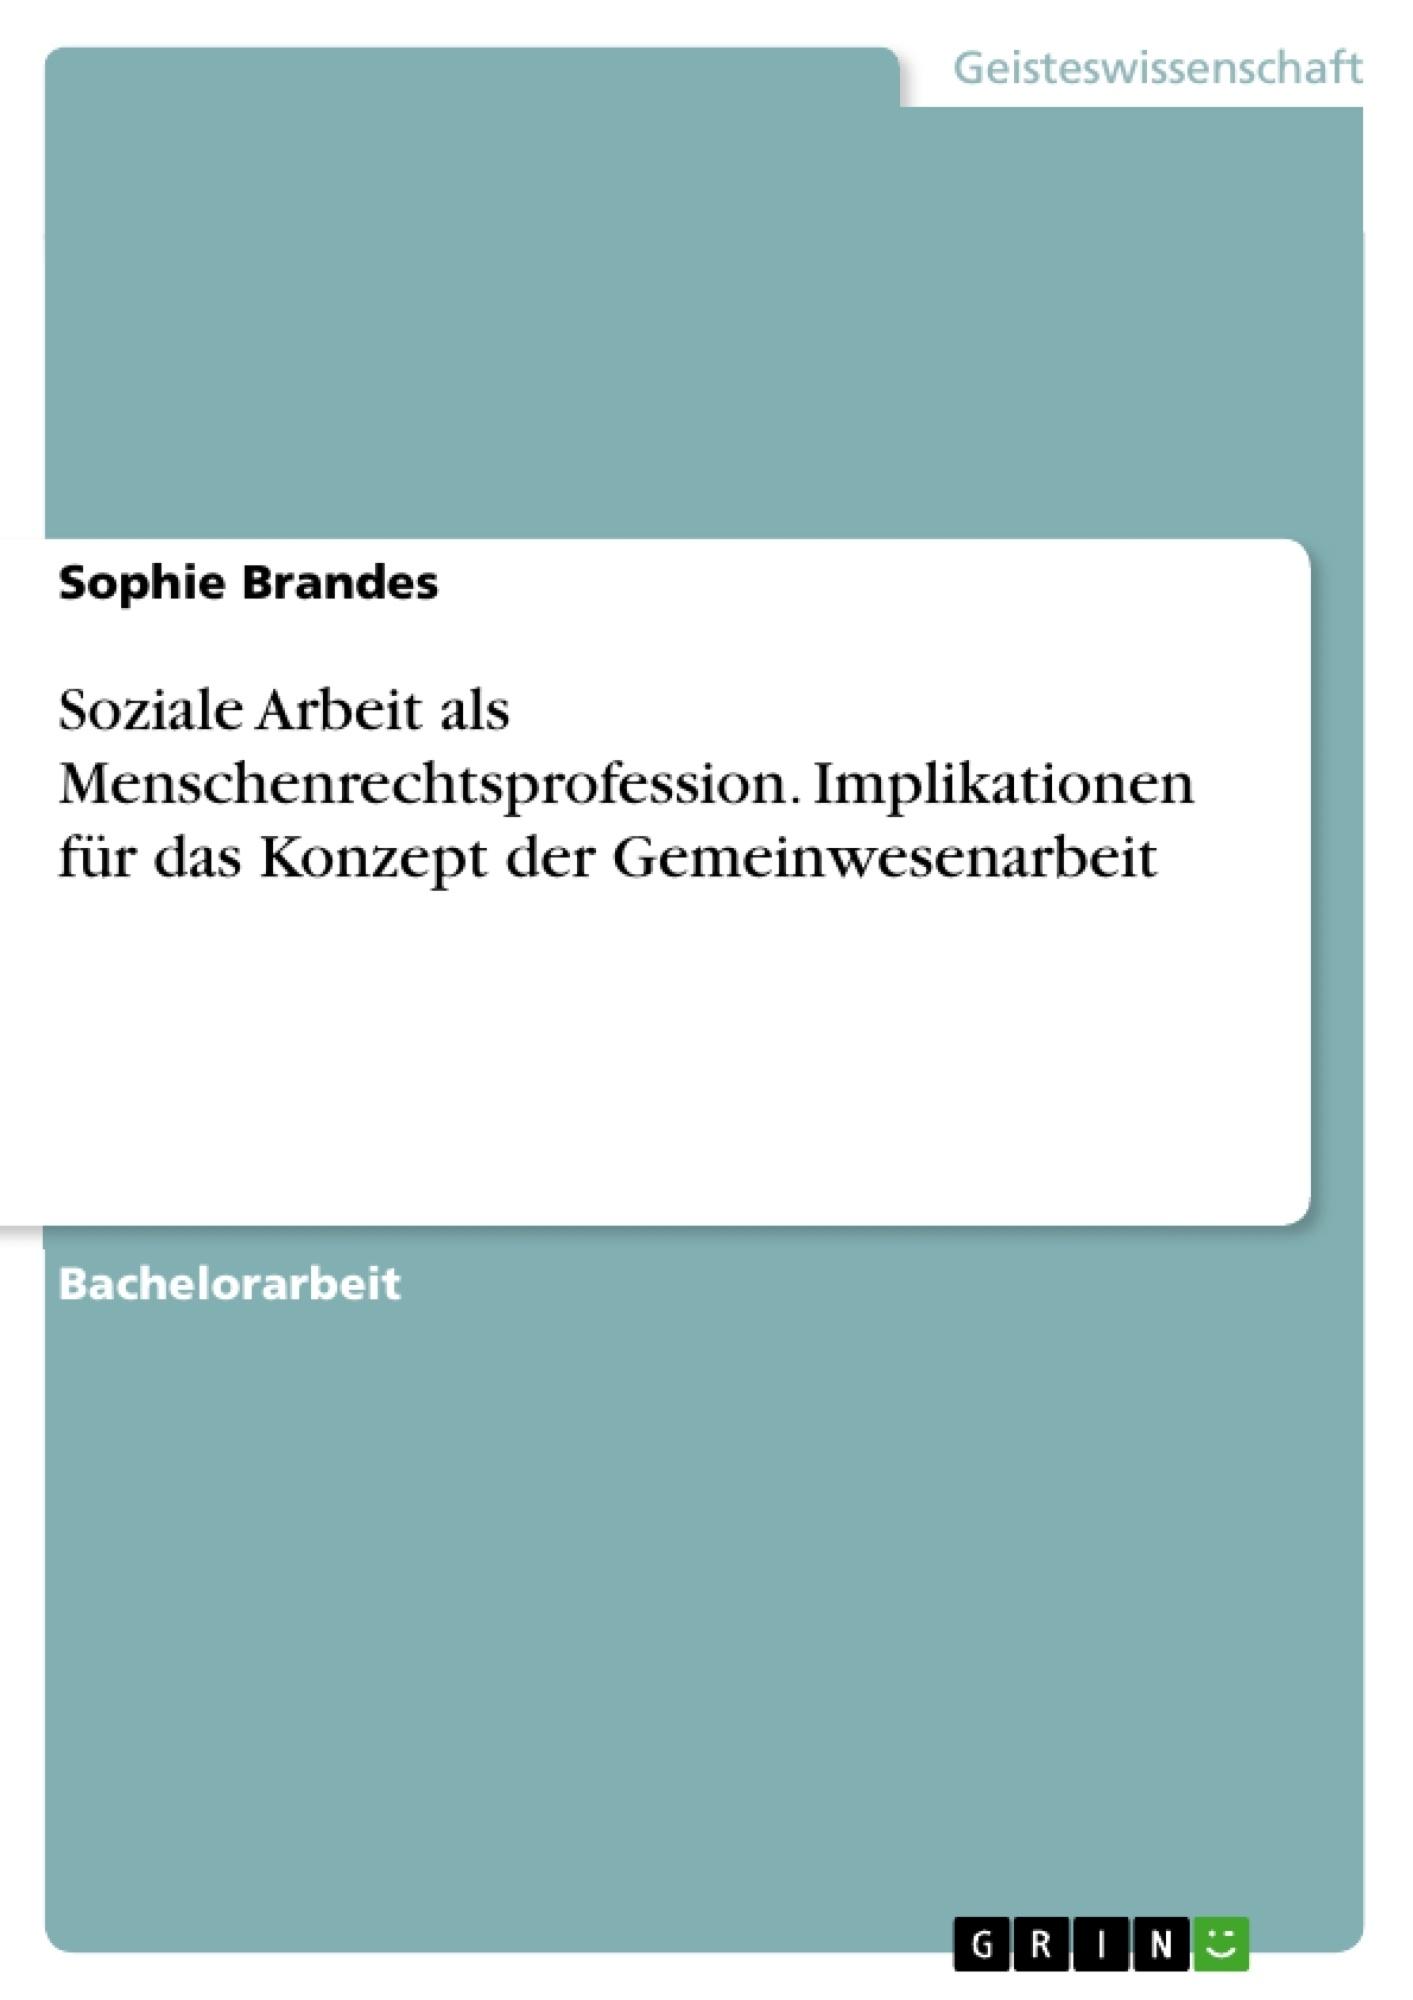 Titel: Soziale Arbeit als Menschenrechtsprofession. Implikationen für das Konzept der Gemeinwesenarbeit